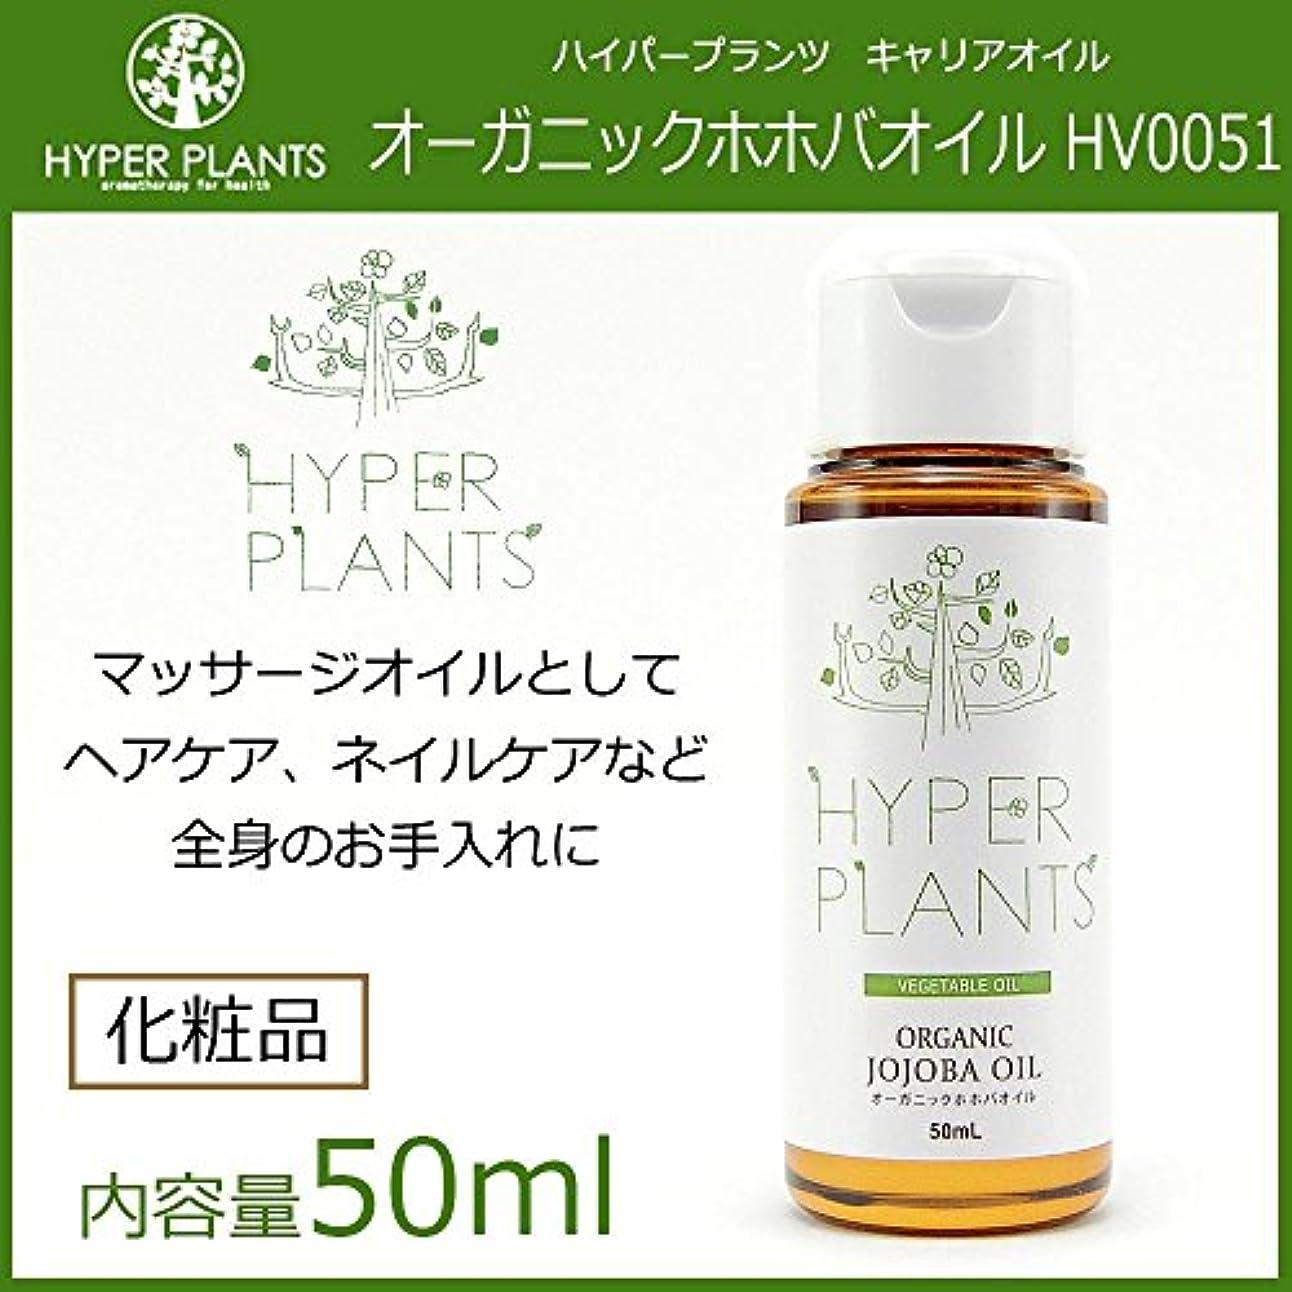 広大なライタークルーズHYPER PLANTS ハイパープランツ キャリアオイル オーガニックホホバオイル 50ml HV0051